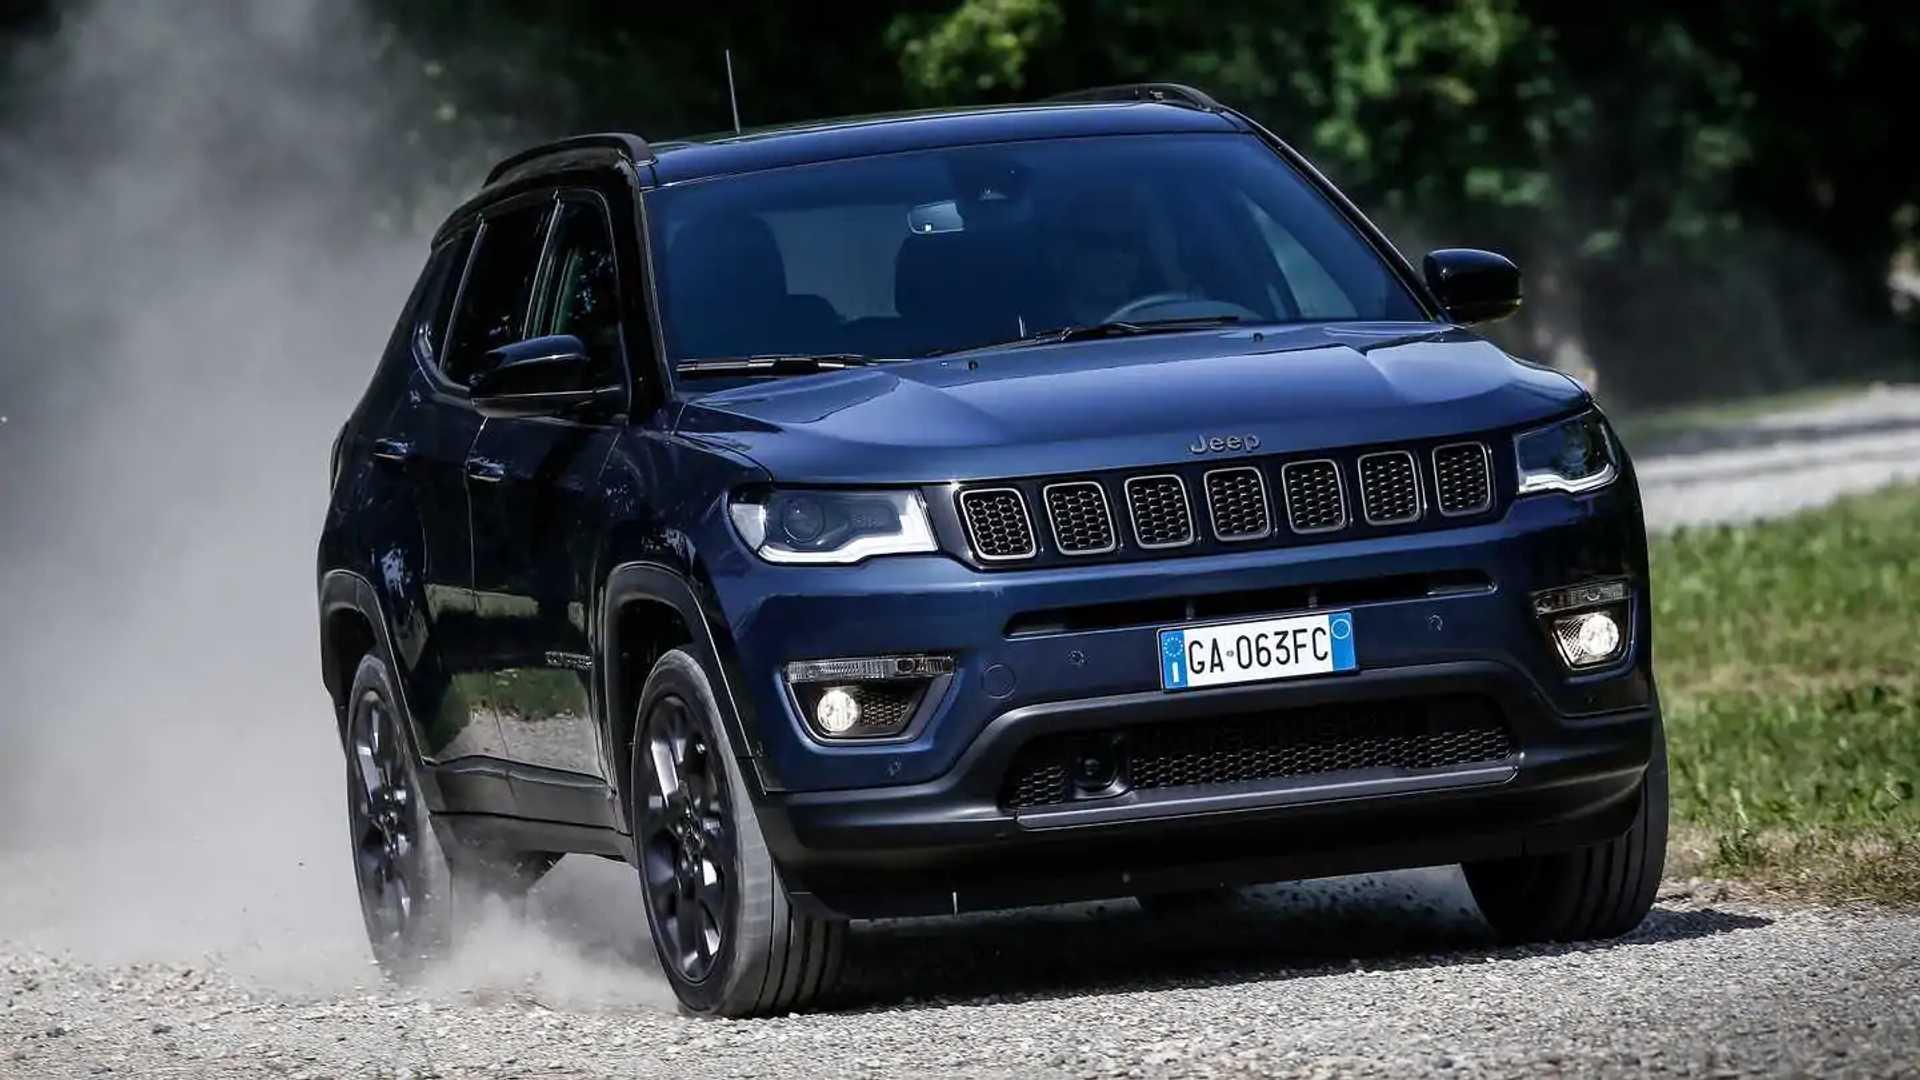 Jeep Compass 2020 Primera Prueba Con El Motor 1 3 T4 De Gasolina